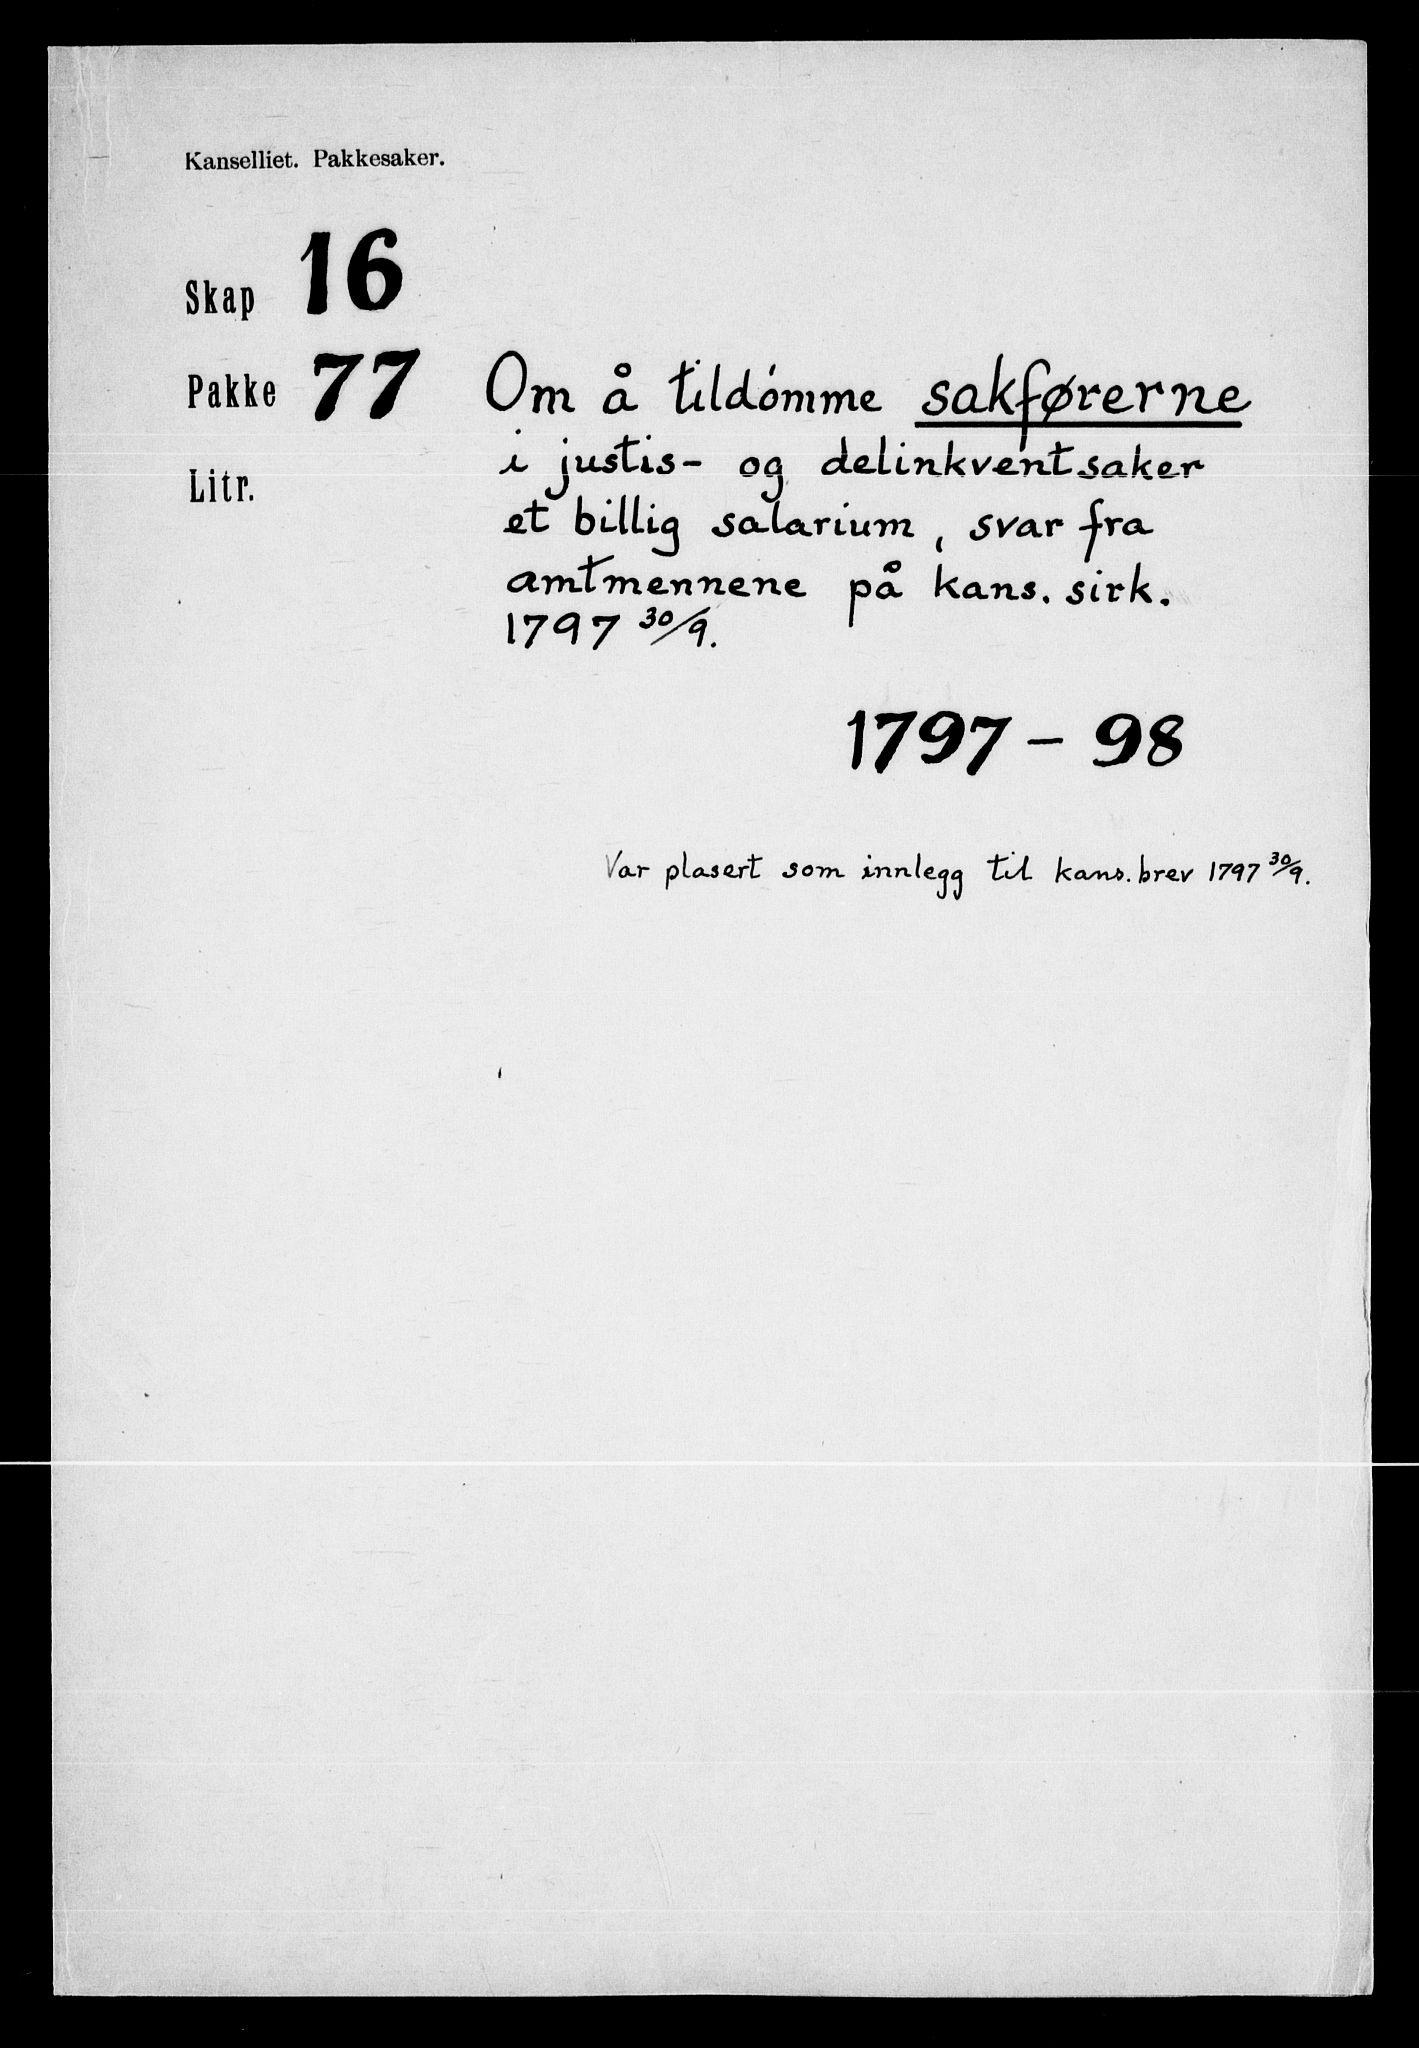 RA, Danske Kanselli, Skapsaker, F/L0128: Skap 16, pakke 77-81, 1797-1804, s. 2